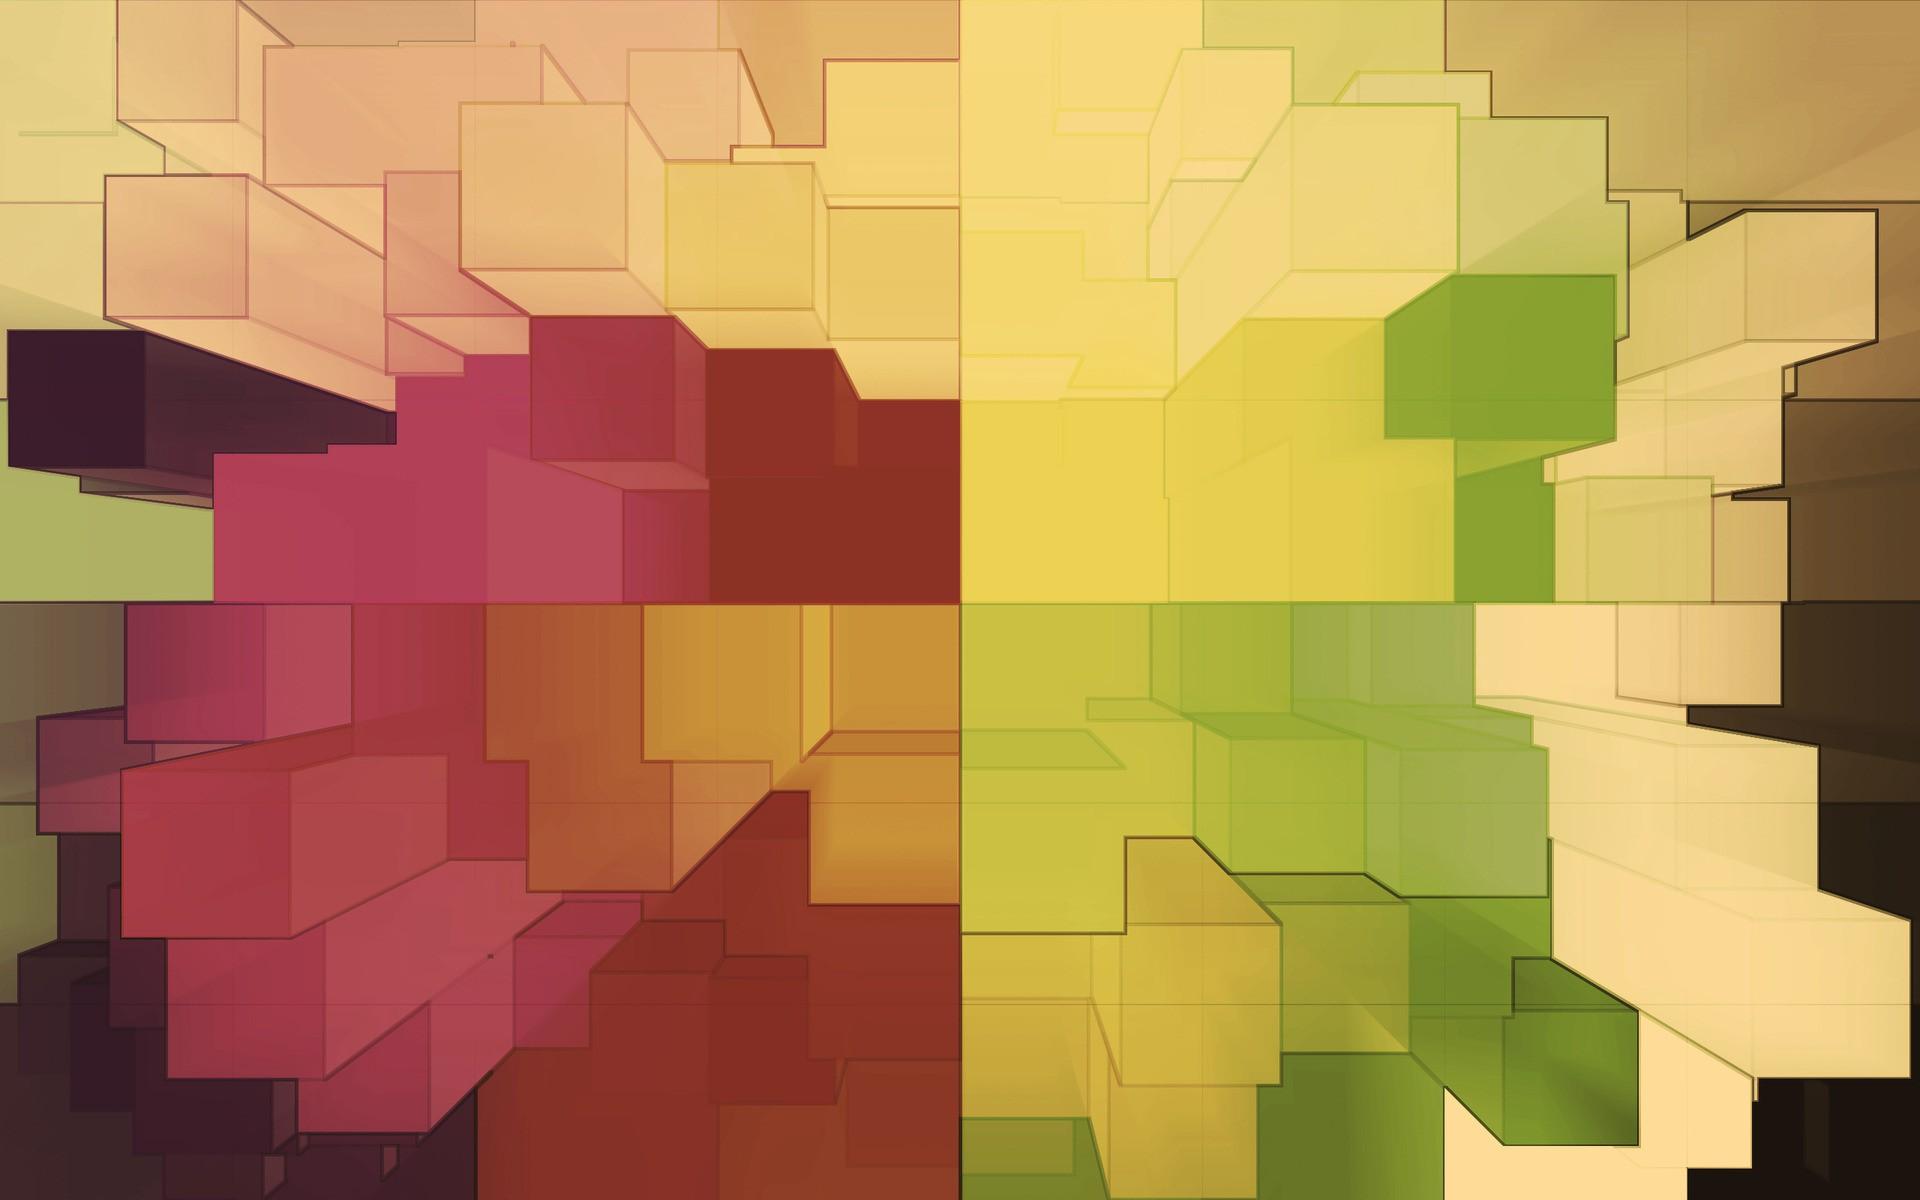 Cuadros abstractos pixelados - 1920x1200